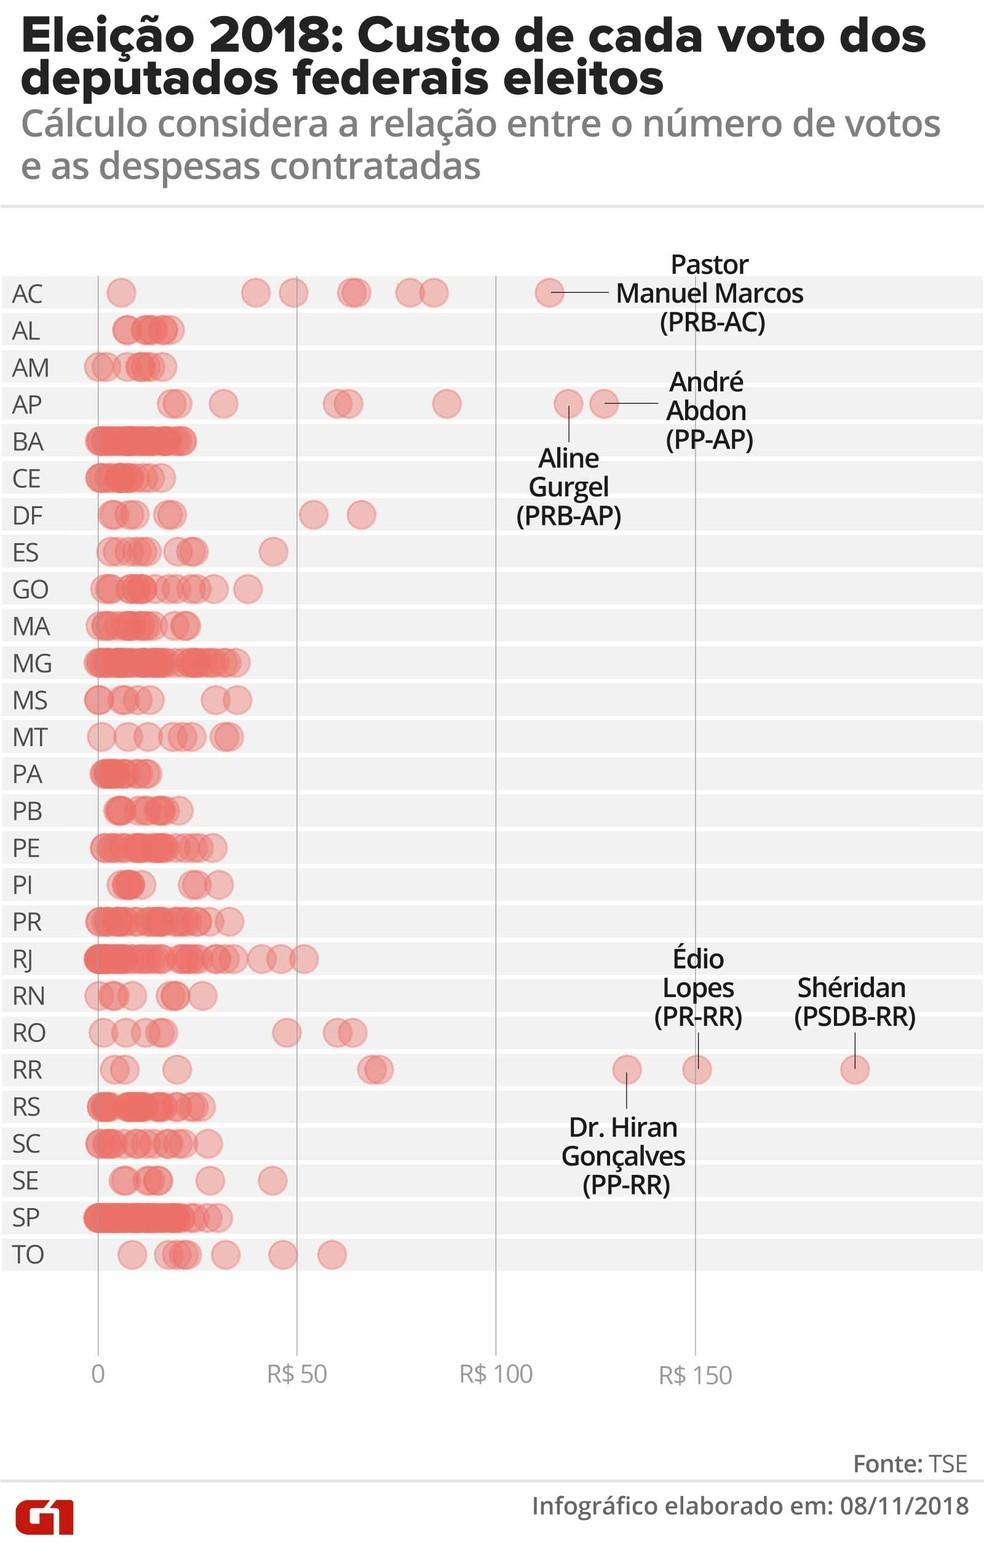 Eleição 2018: Custo de cada voto dos deputados federais eleitos — Foto: Alexandre Mauro, Betta Jaworski e Gabriela Caesar / G1